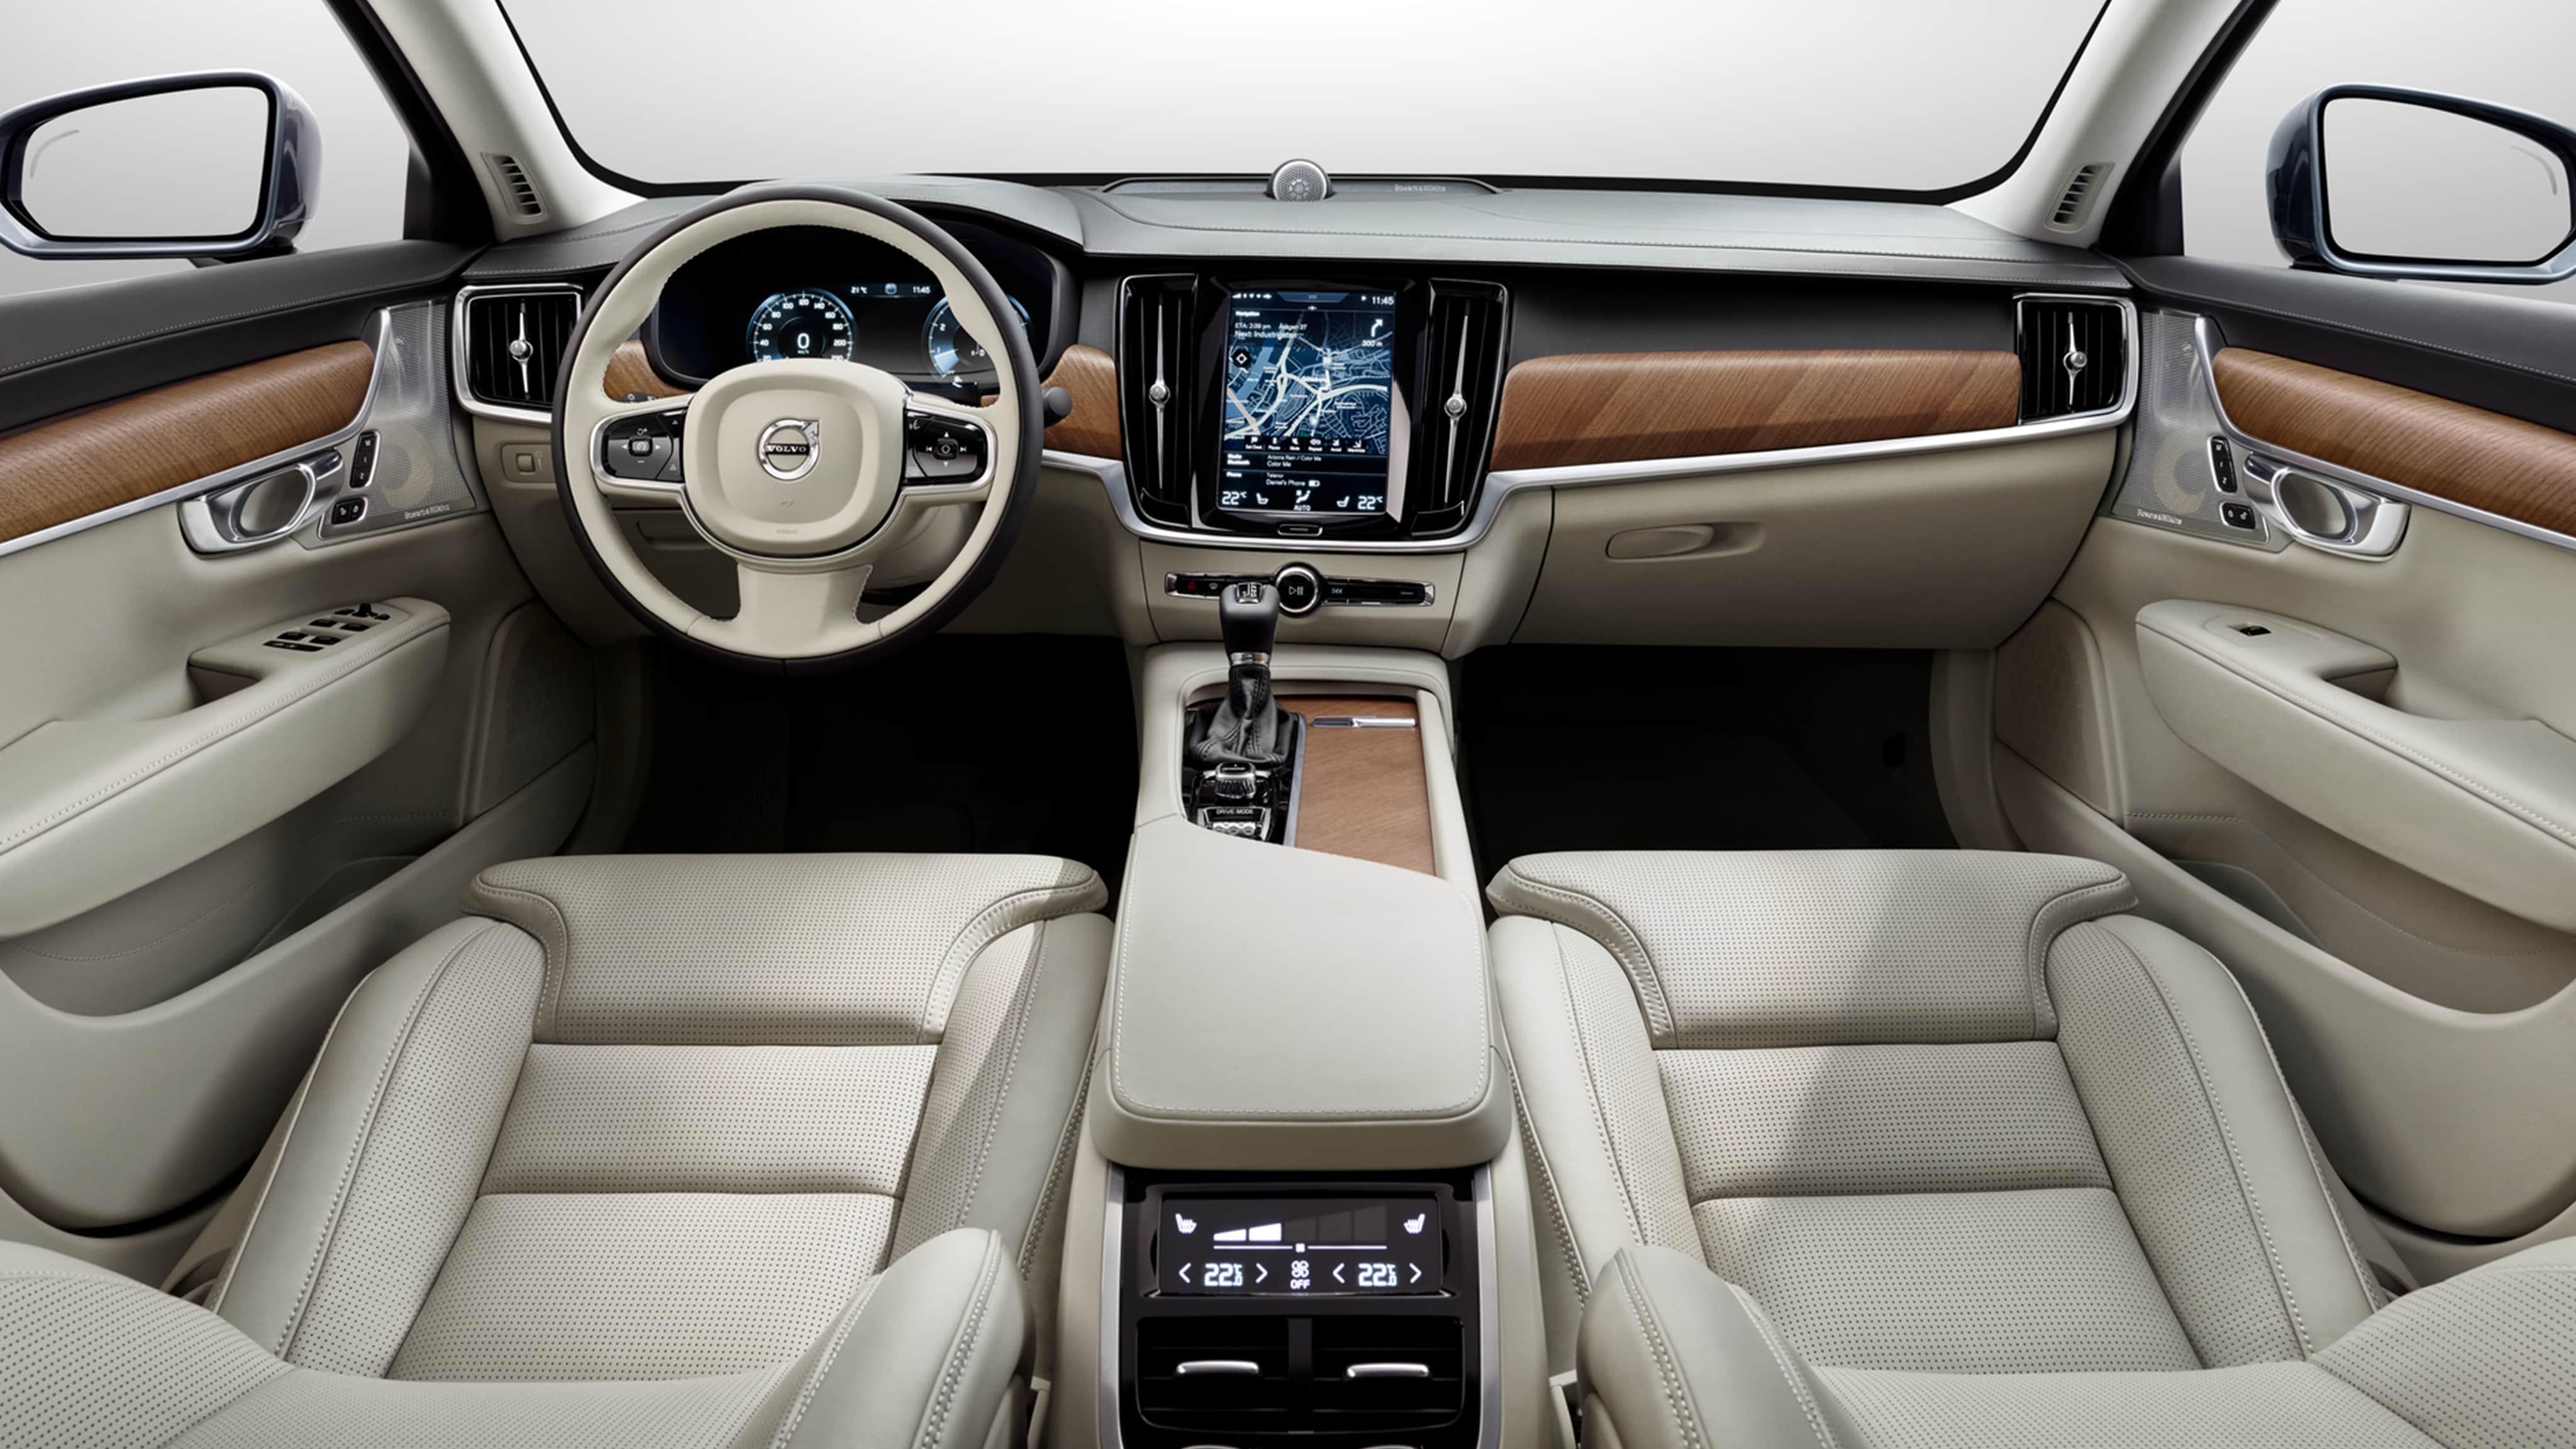 ¿Viajarías en un coche autónomo? Volvo probará lo suyos con familias reales